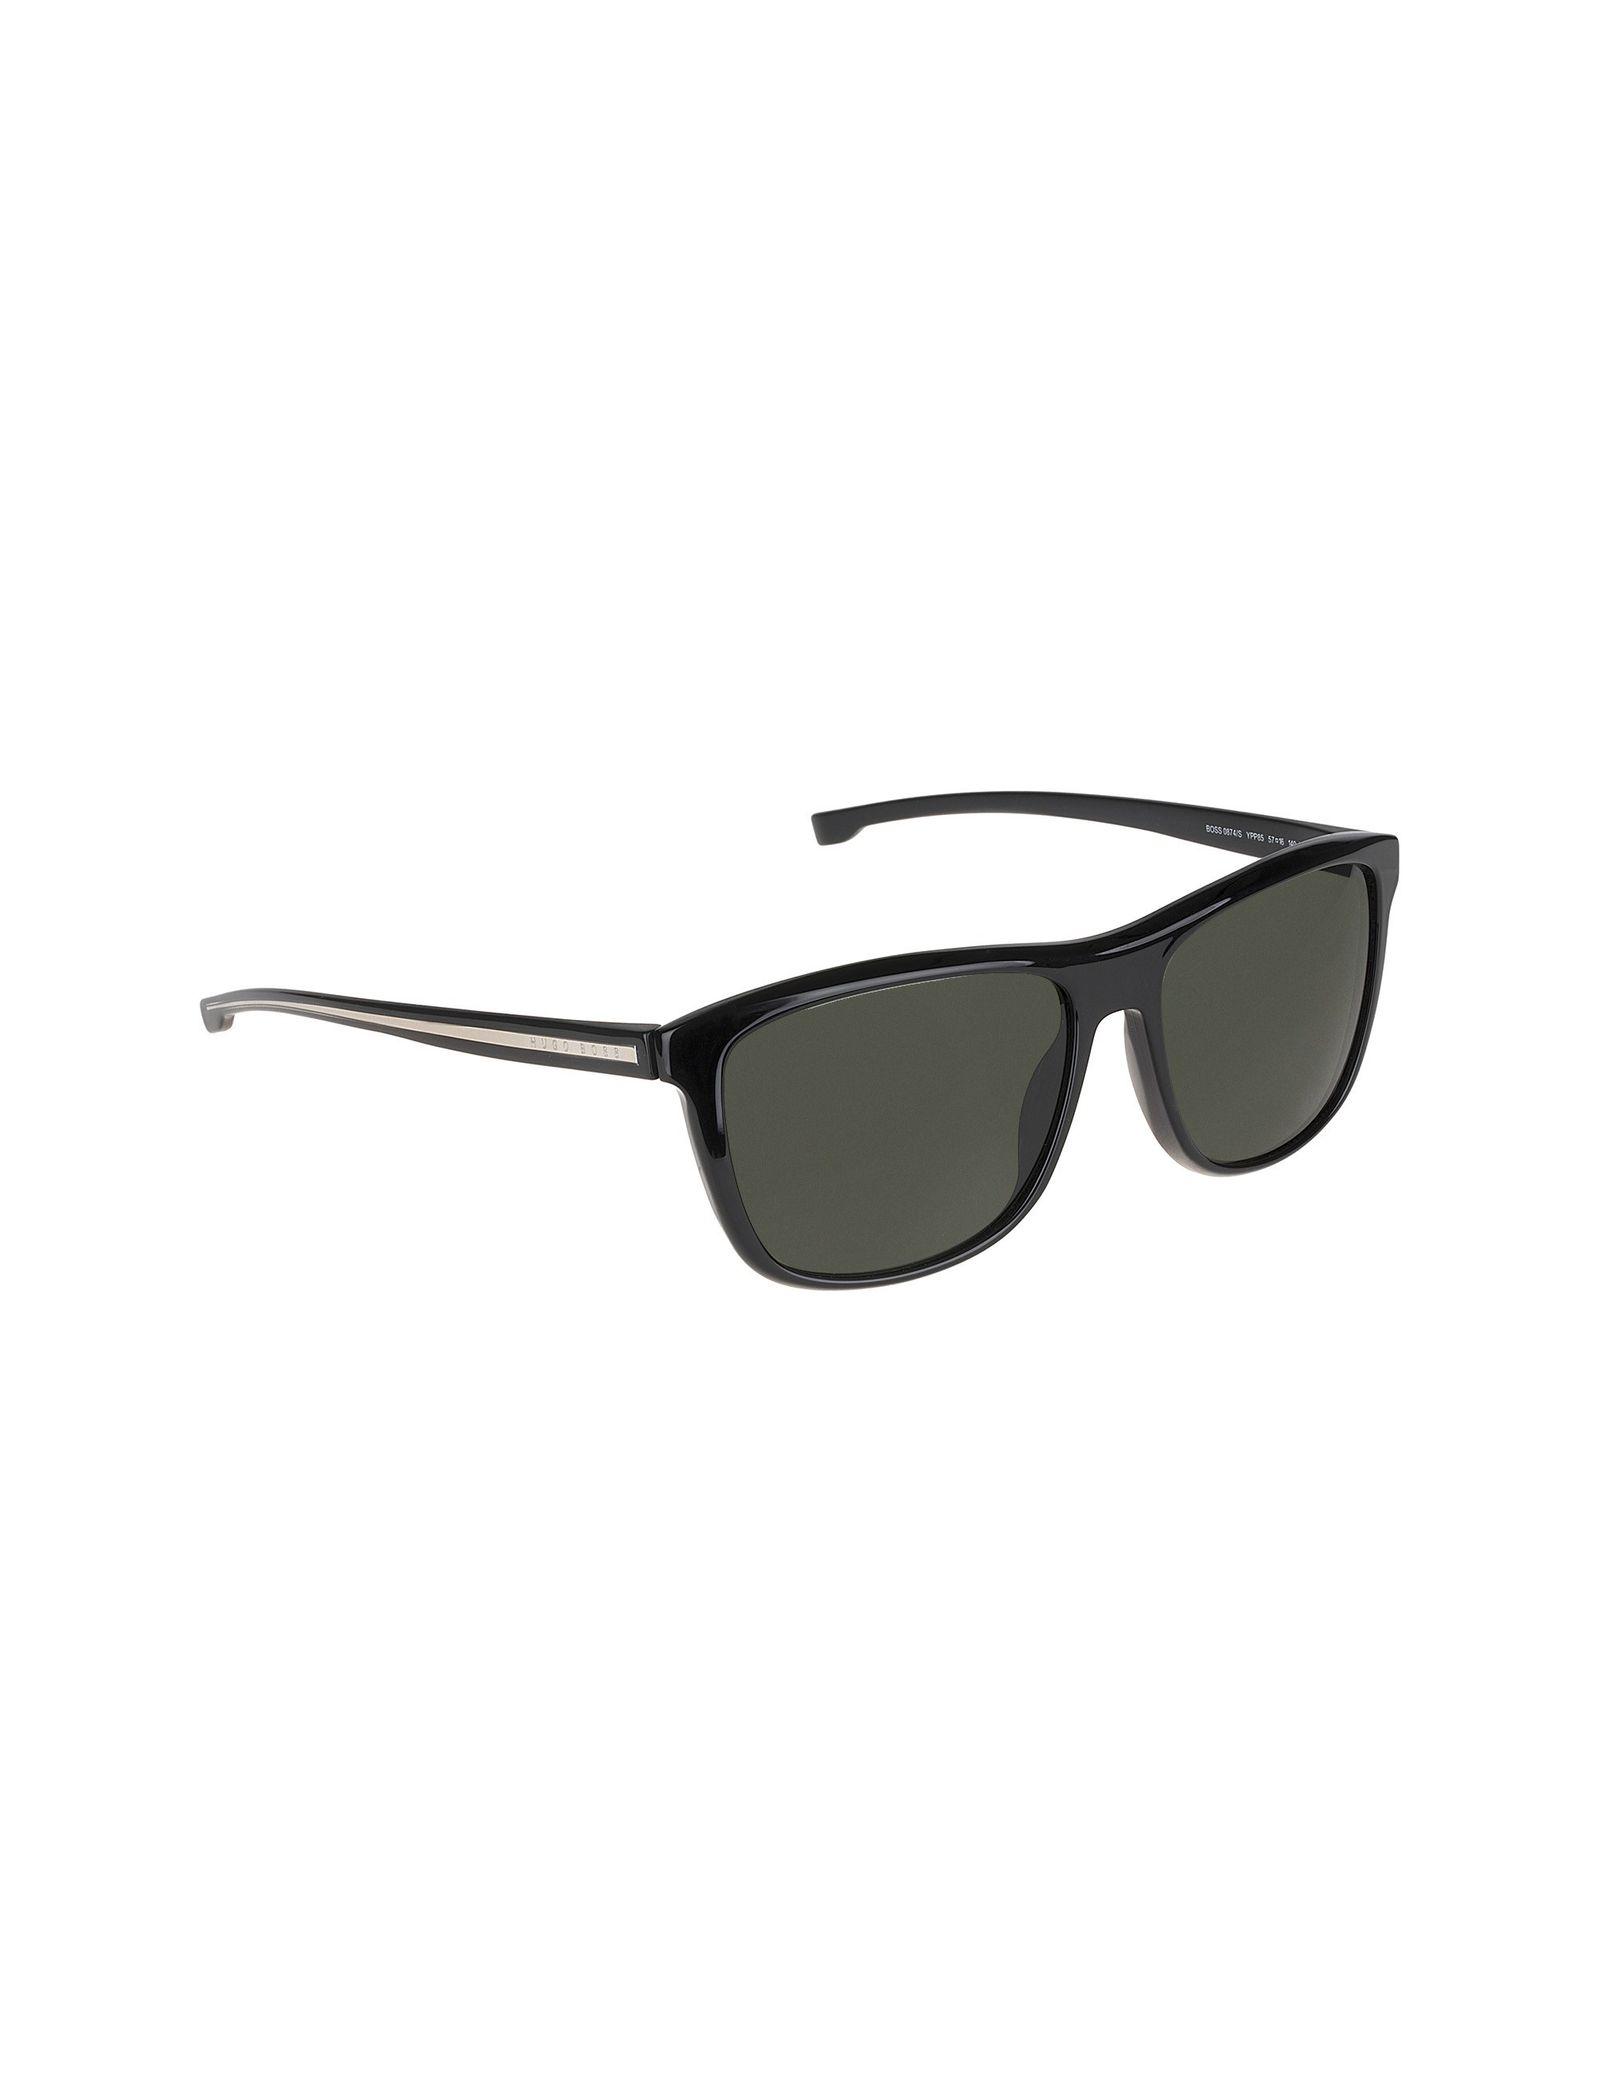 عینک آفتابی ویفرر مردانه - باس - مشکي - 3